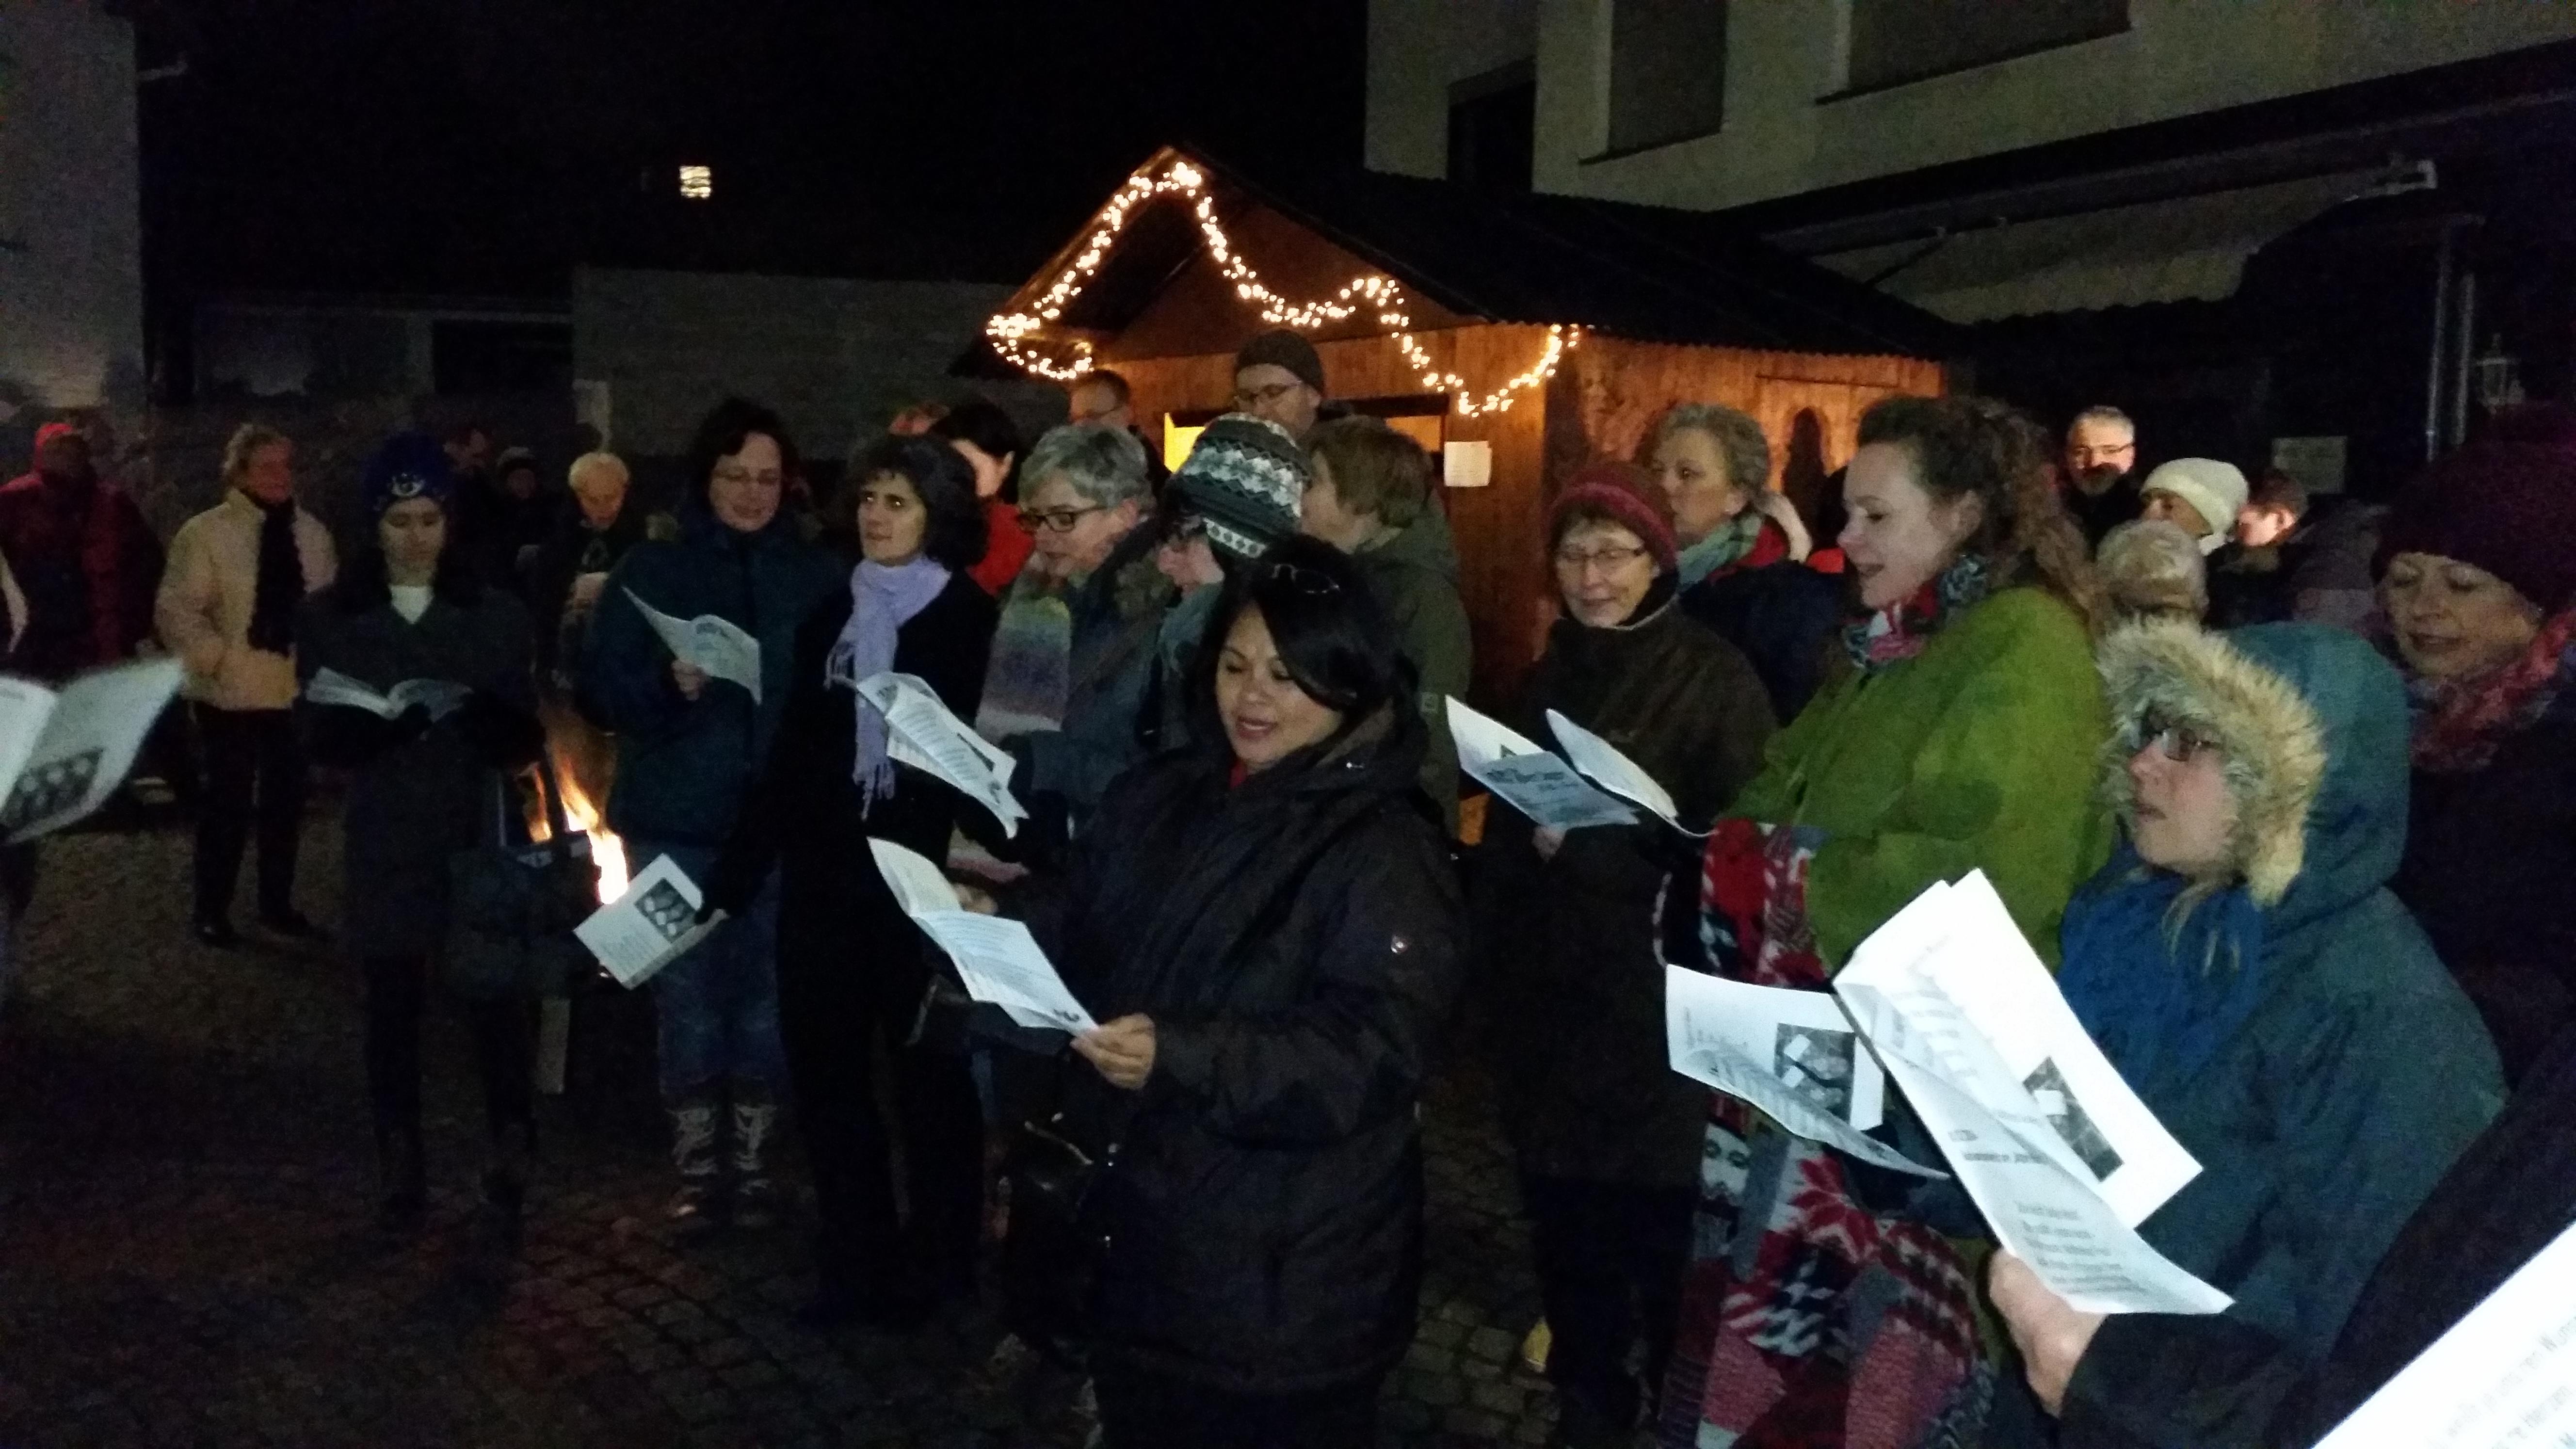 Party Weihnachtslieder.X Mas Party Am Alten Markt The Albert Singers